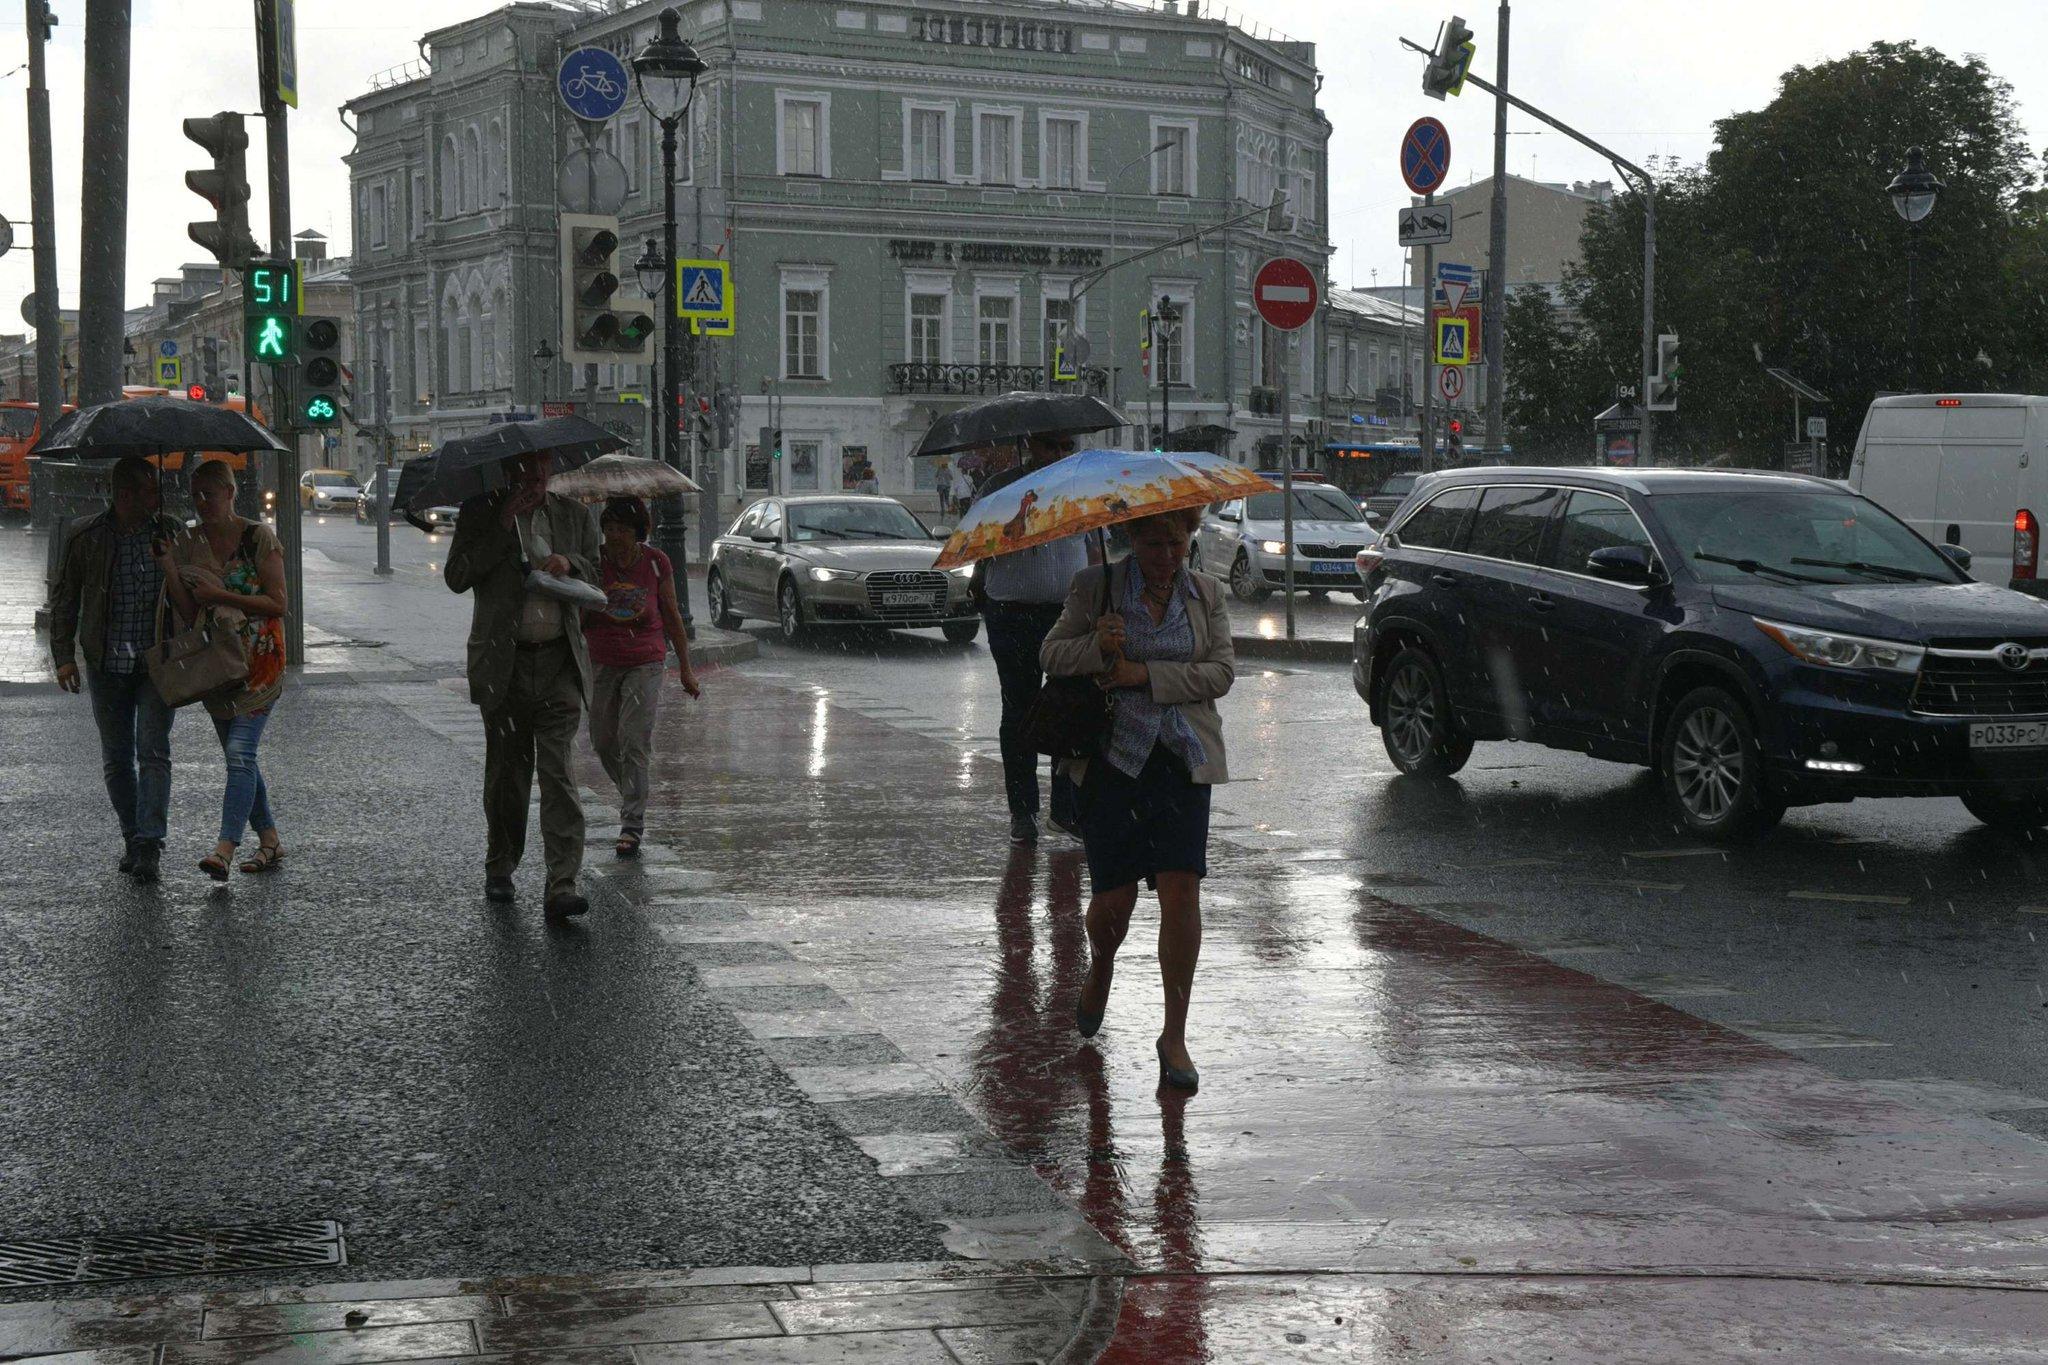 Реальная картинка погоды